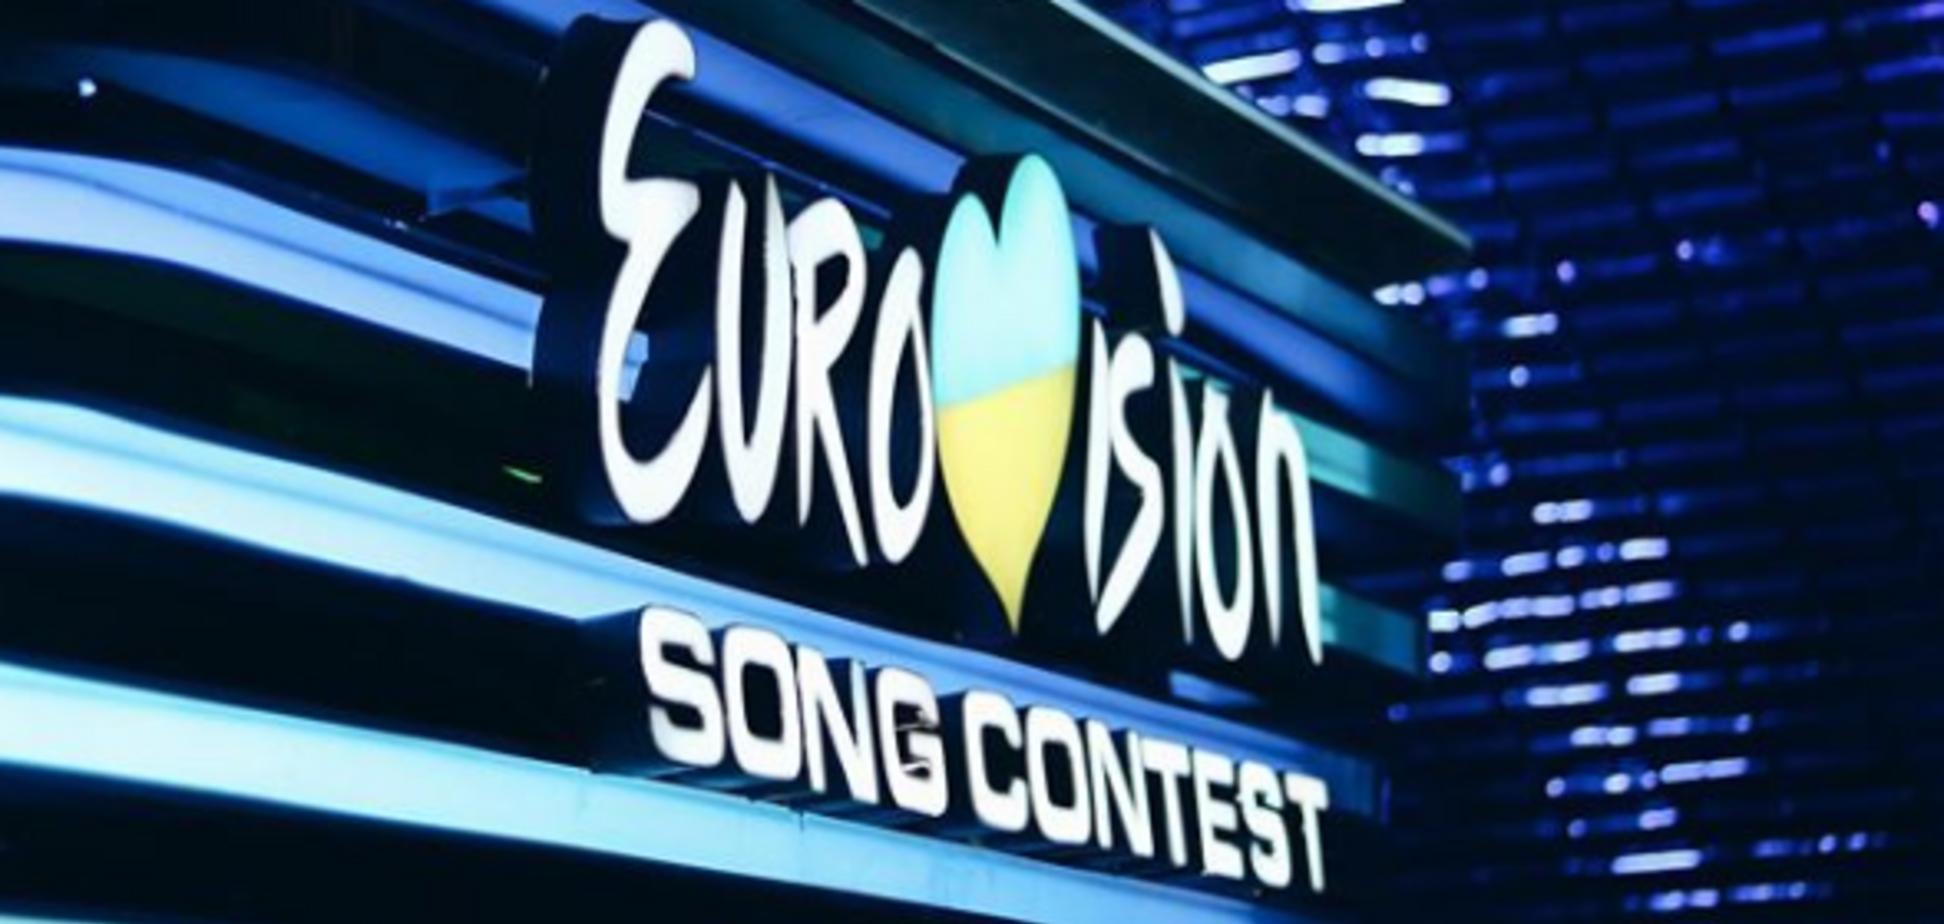 Україна обрала представника на Євробачення 2020: як пройшов фінал Нацвідбору